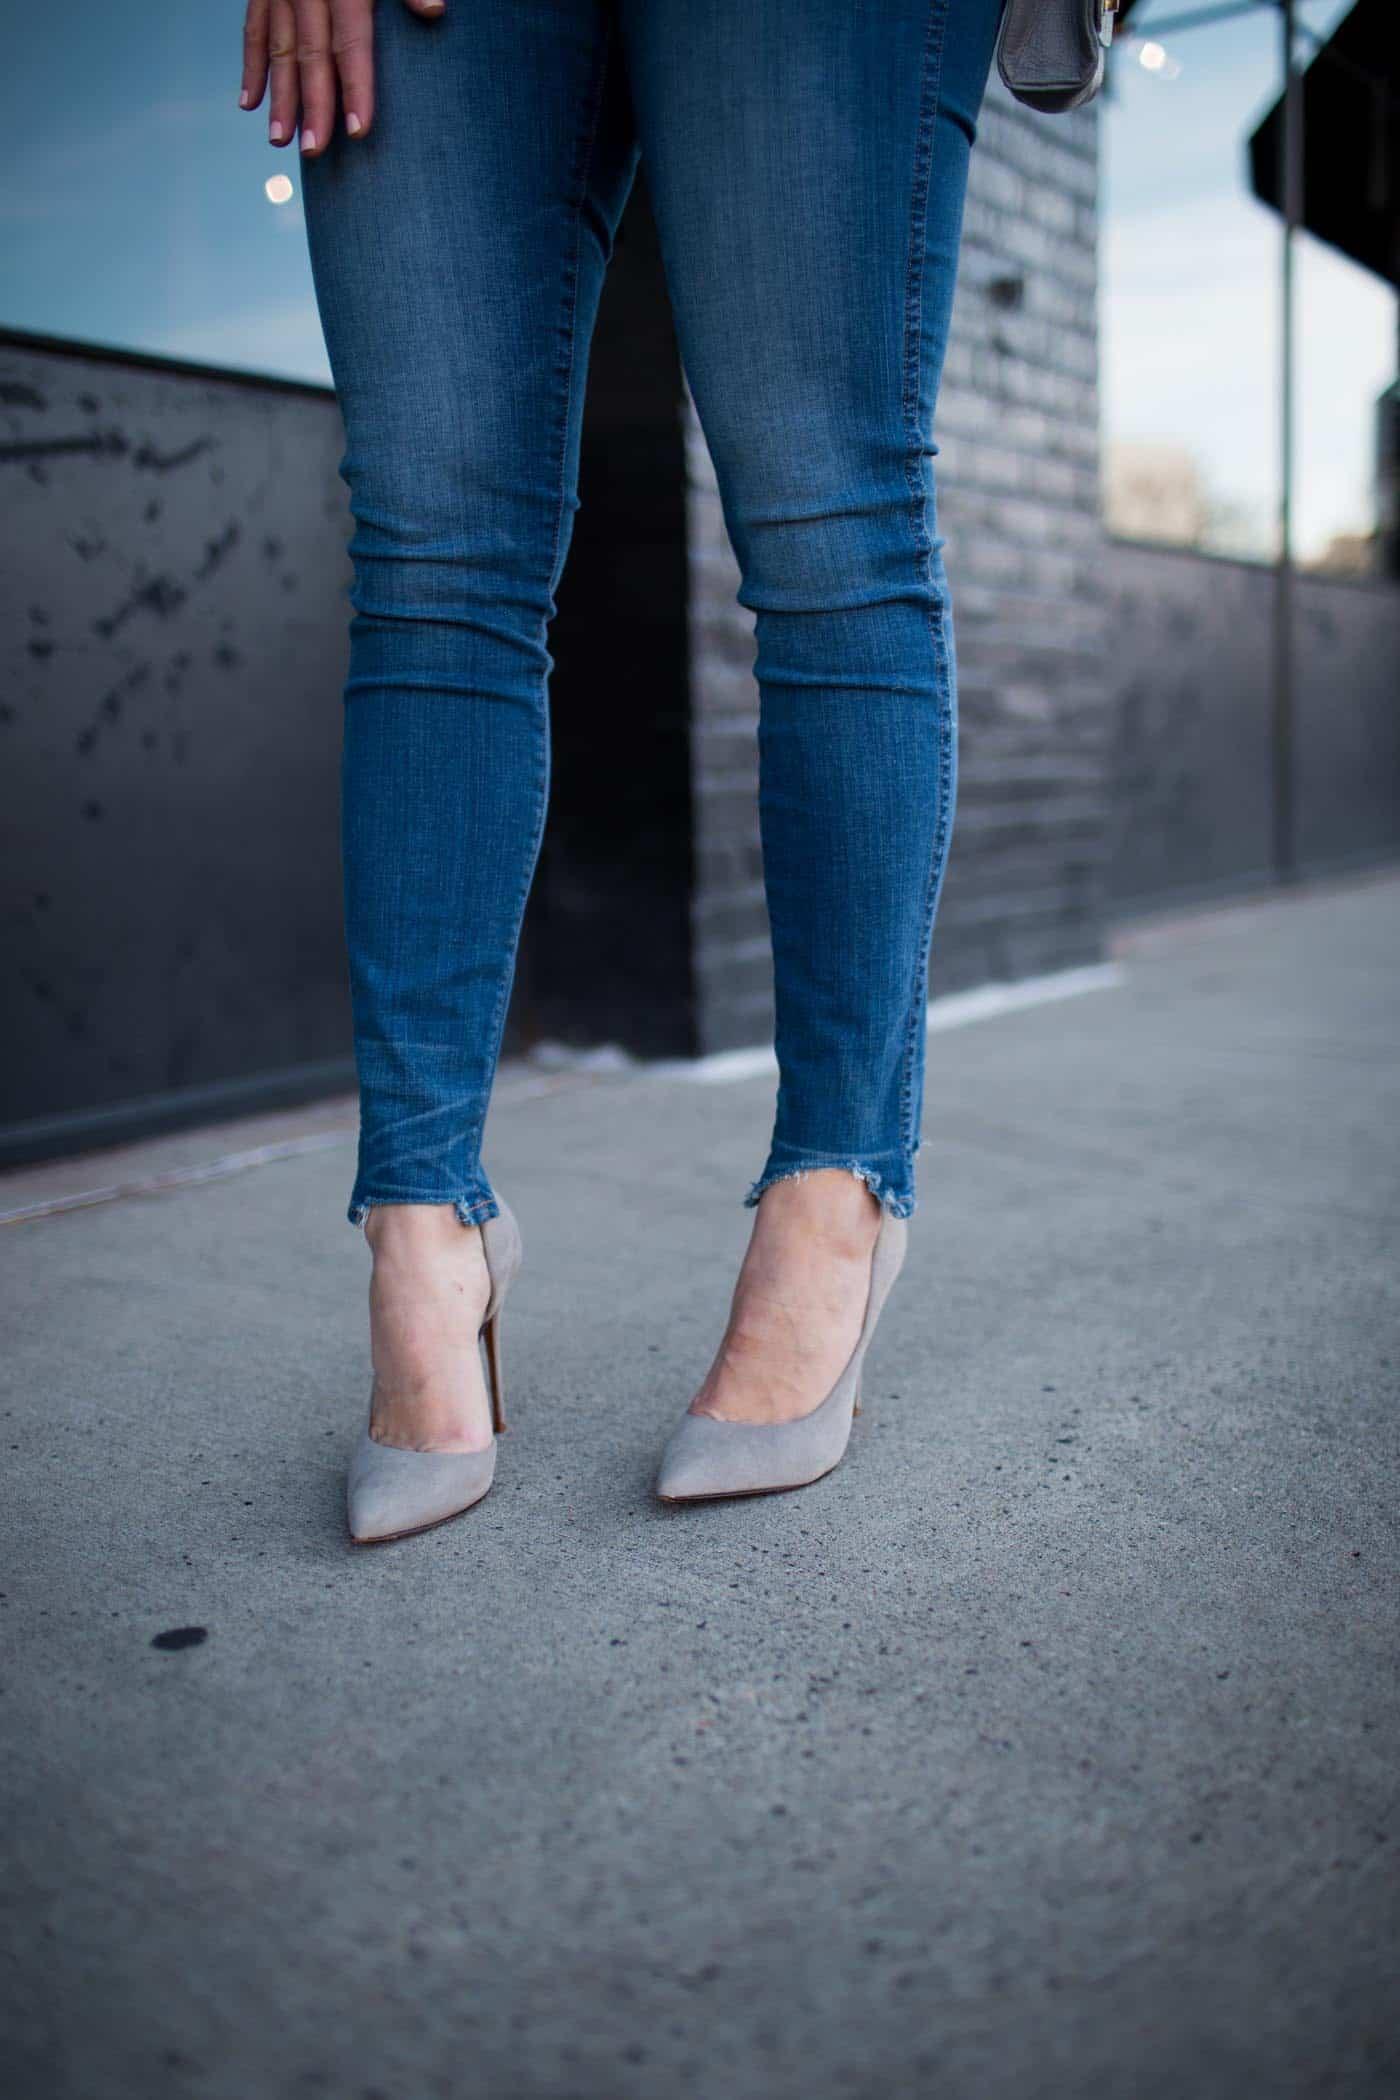 grey suede heels, denim - My Style Vita @mystylevita